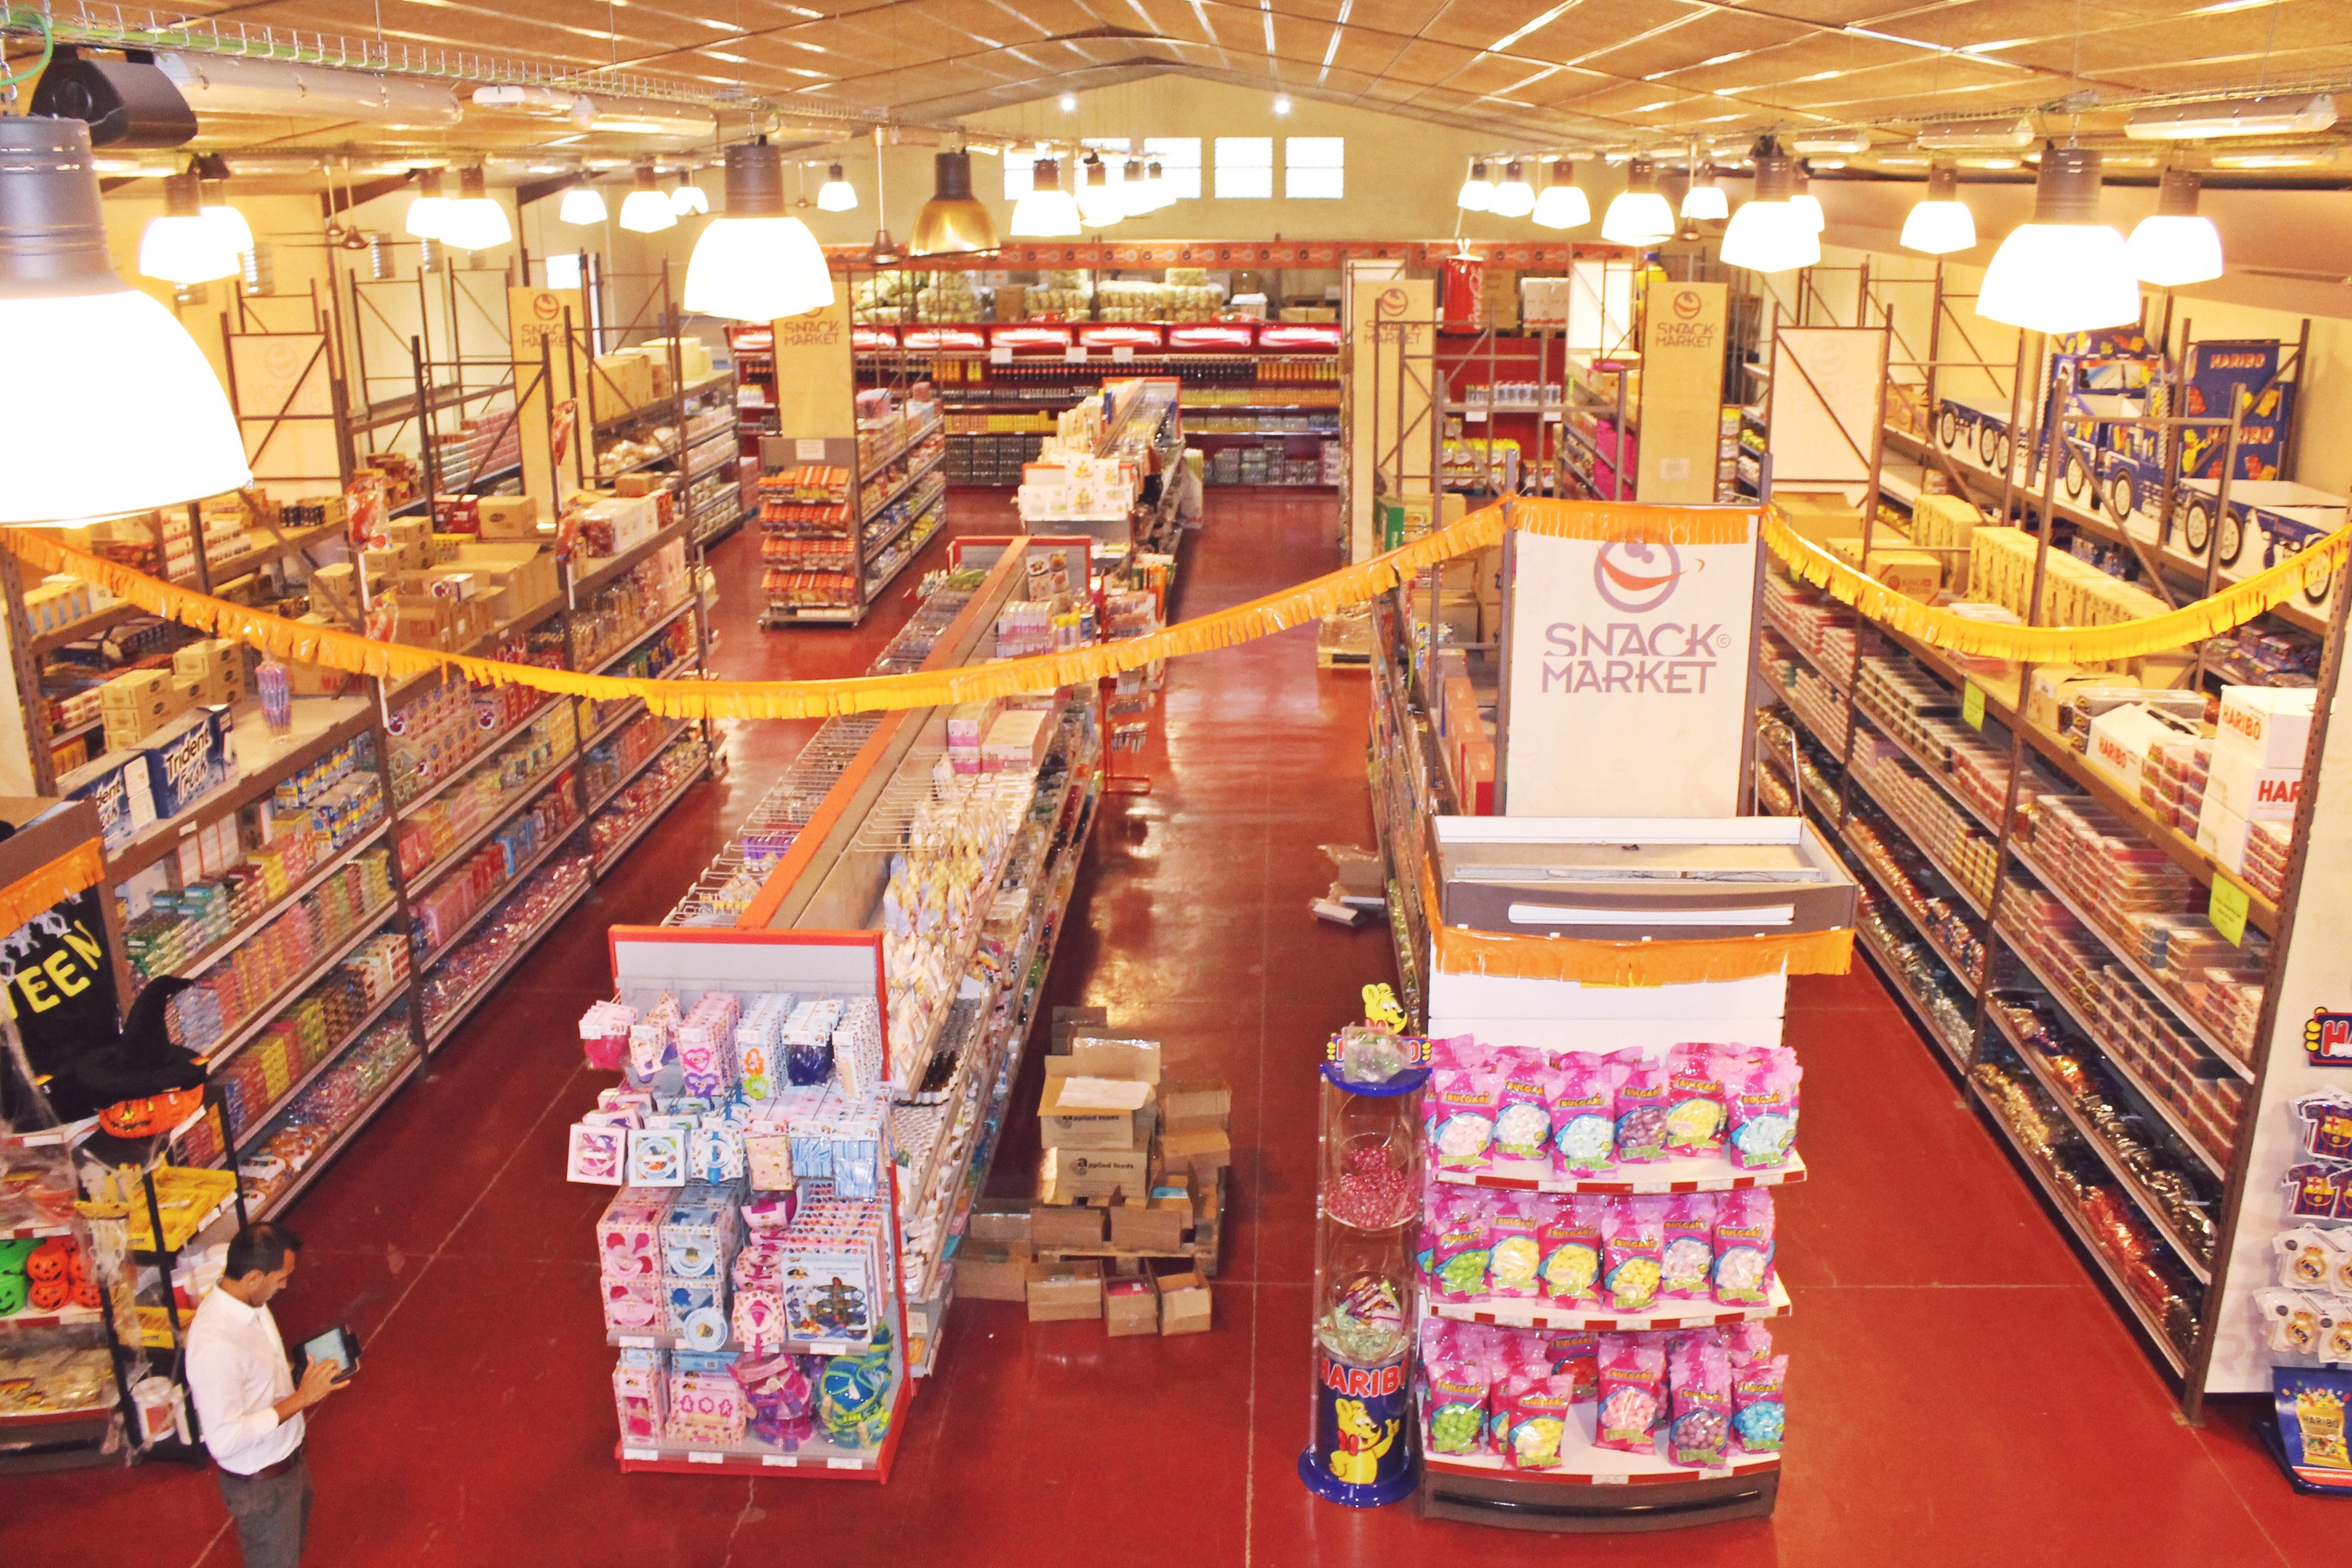 snack market el supermercado de las fiestas snack